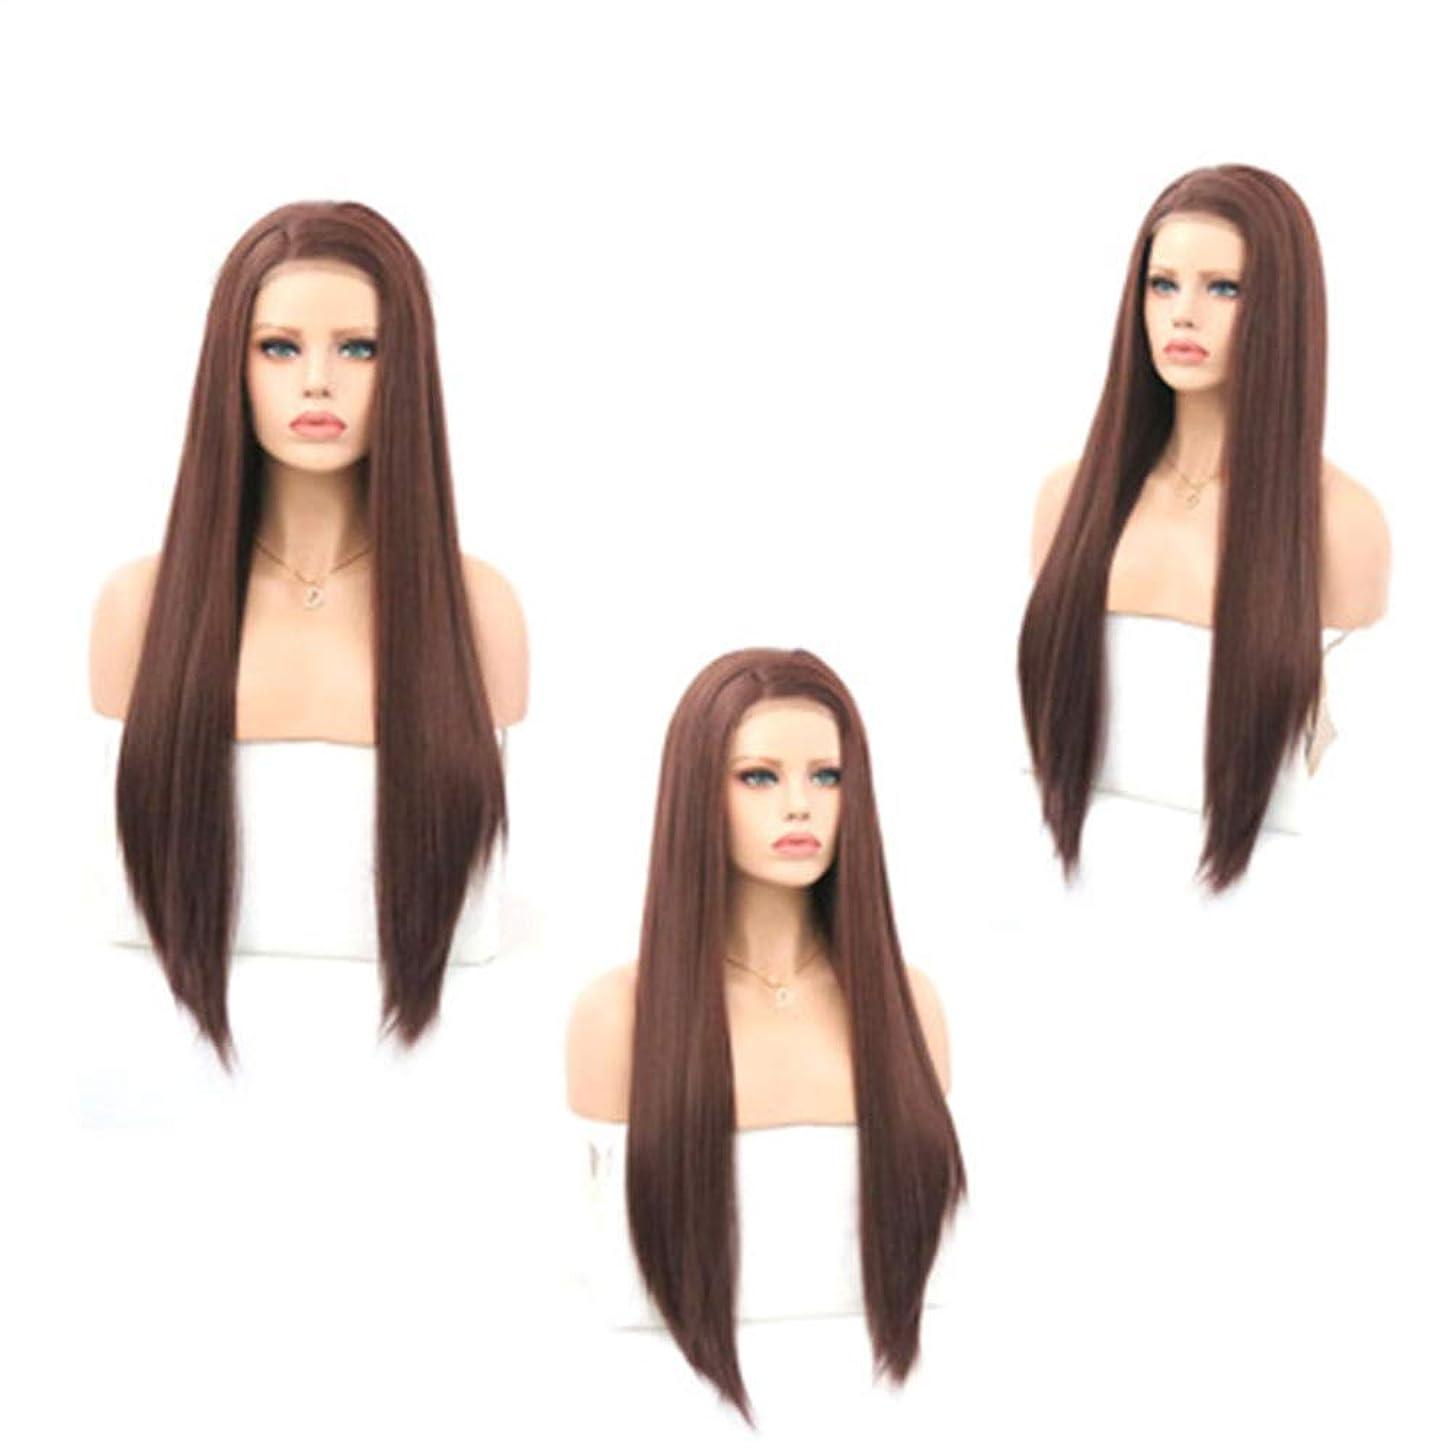 比較宿泊クリスチャンZXF 茶色の女性のフロントレースの化学繊維かつらヘッドギア高温シルク半手の長いストレートの髪にフック 美しい